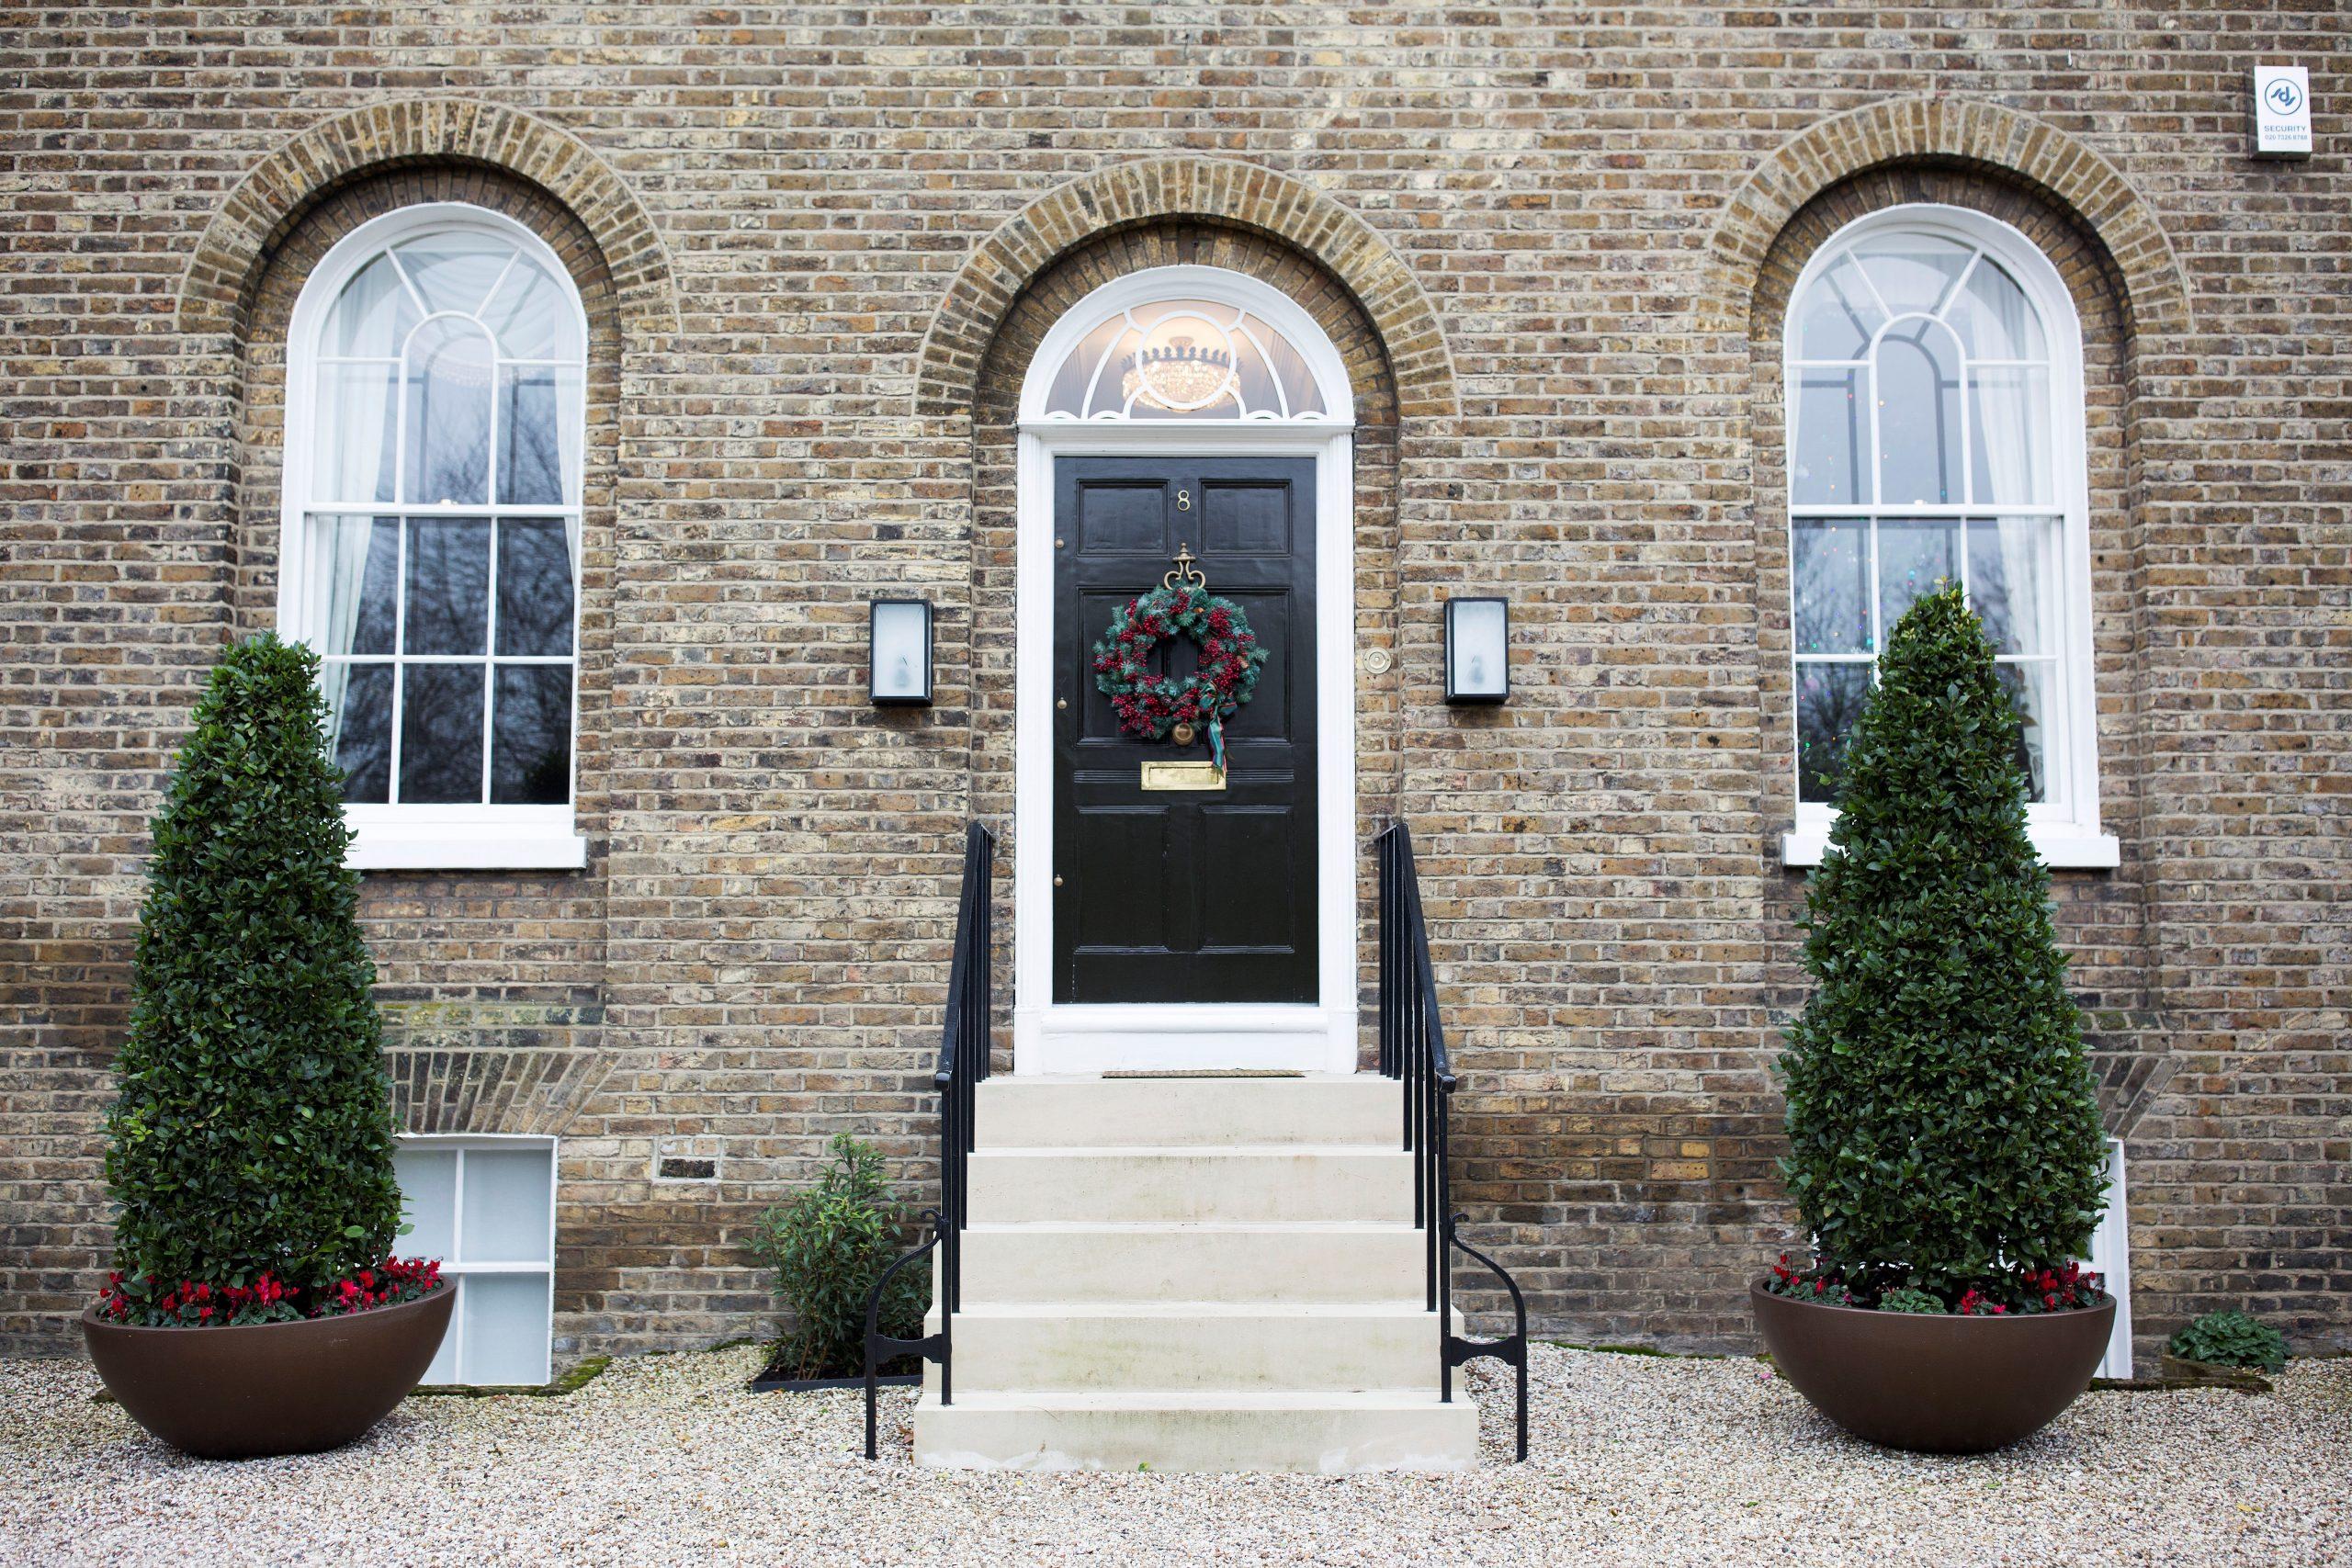 Black Front Door with Wreath